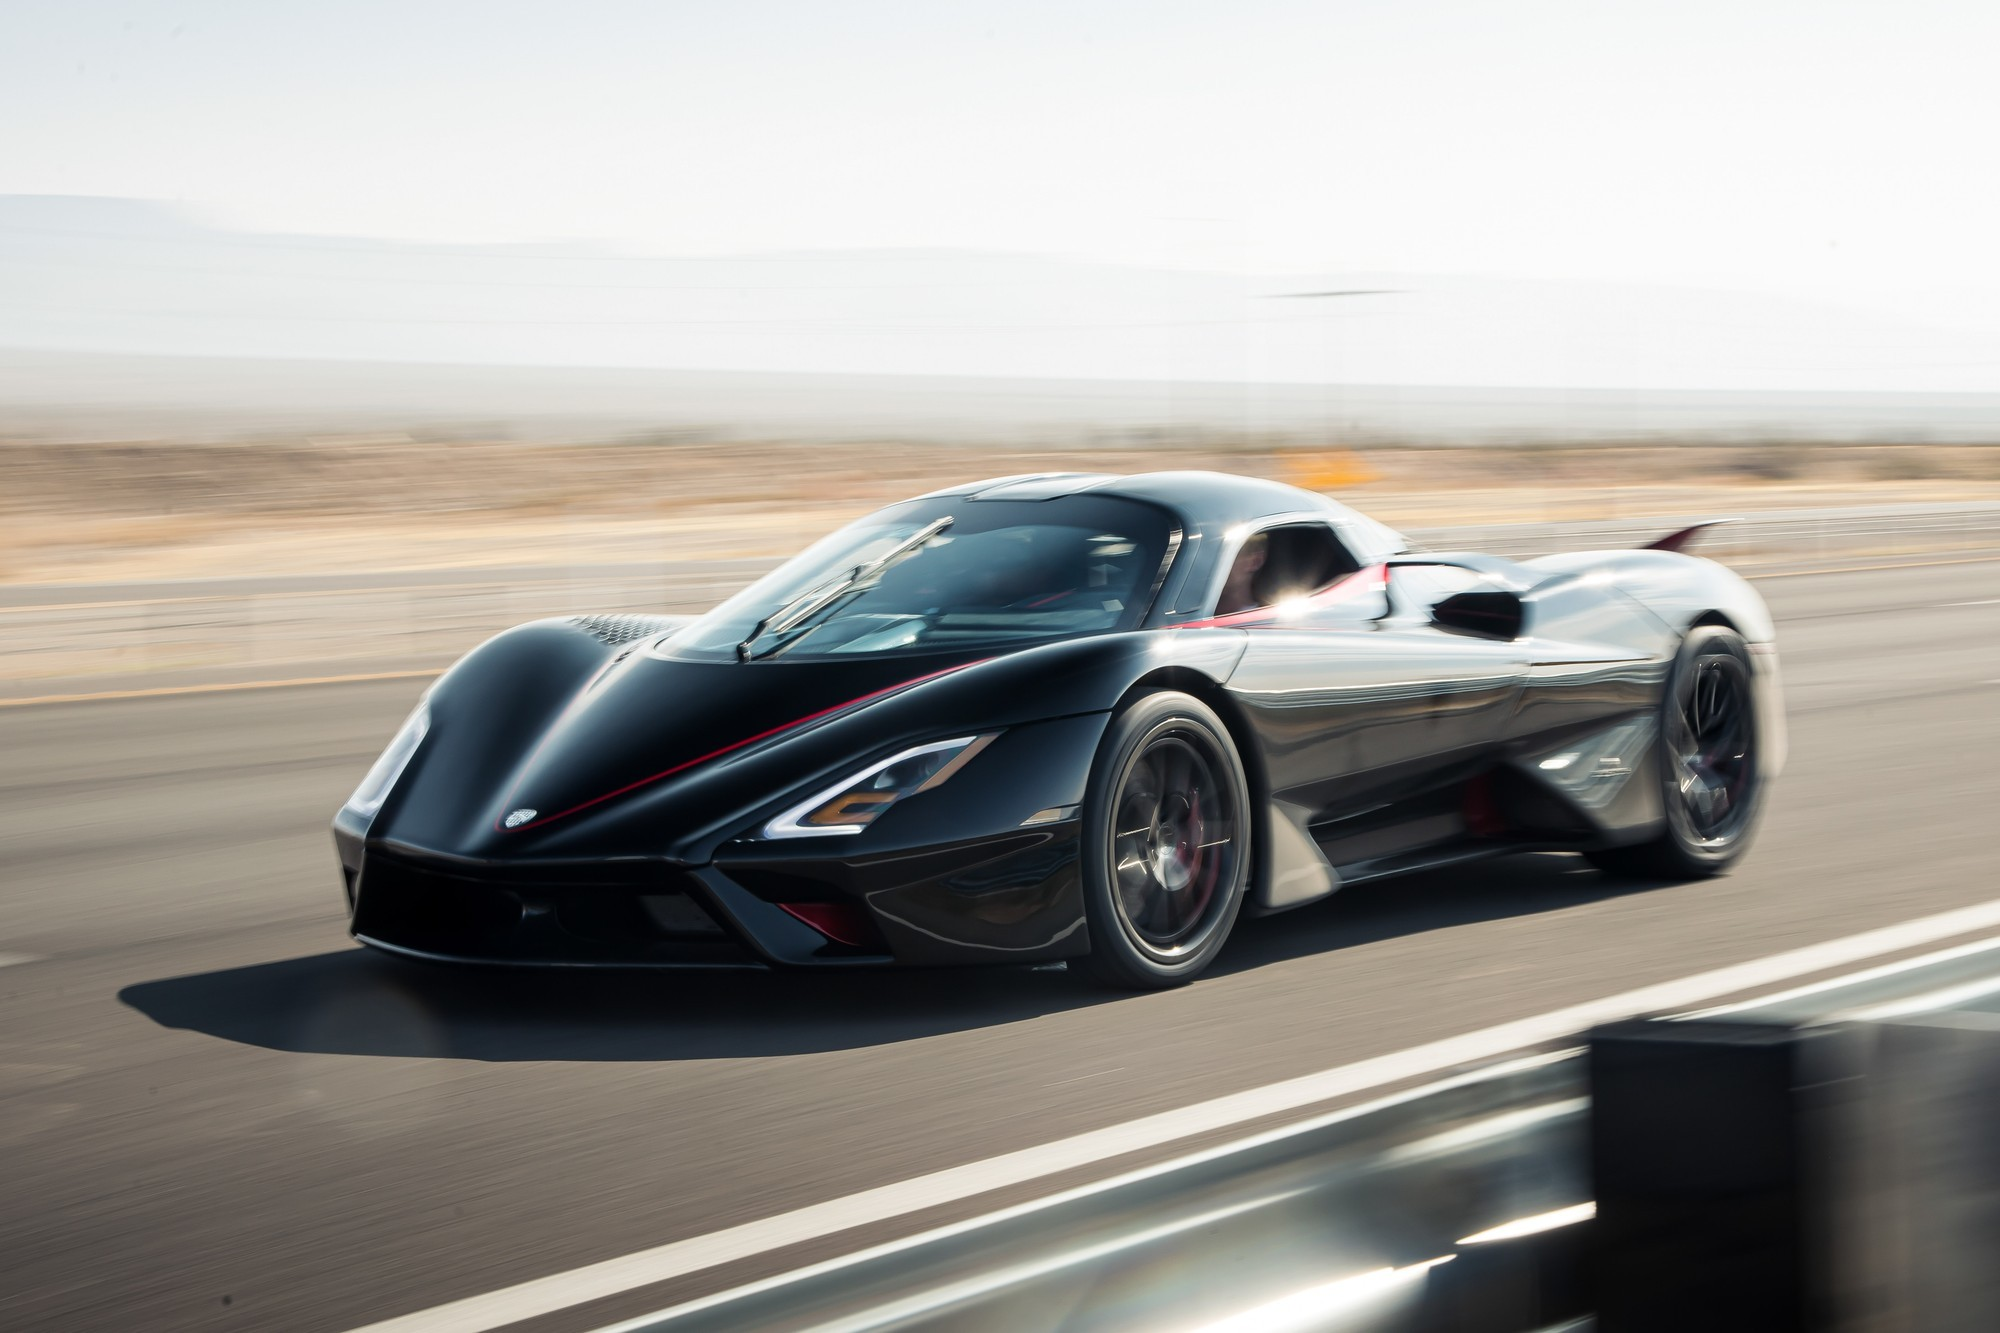 Bugatti давай до свидания SSC Tuatara стал самым быстрым серийным автомобилем в мире